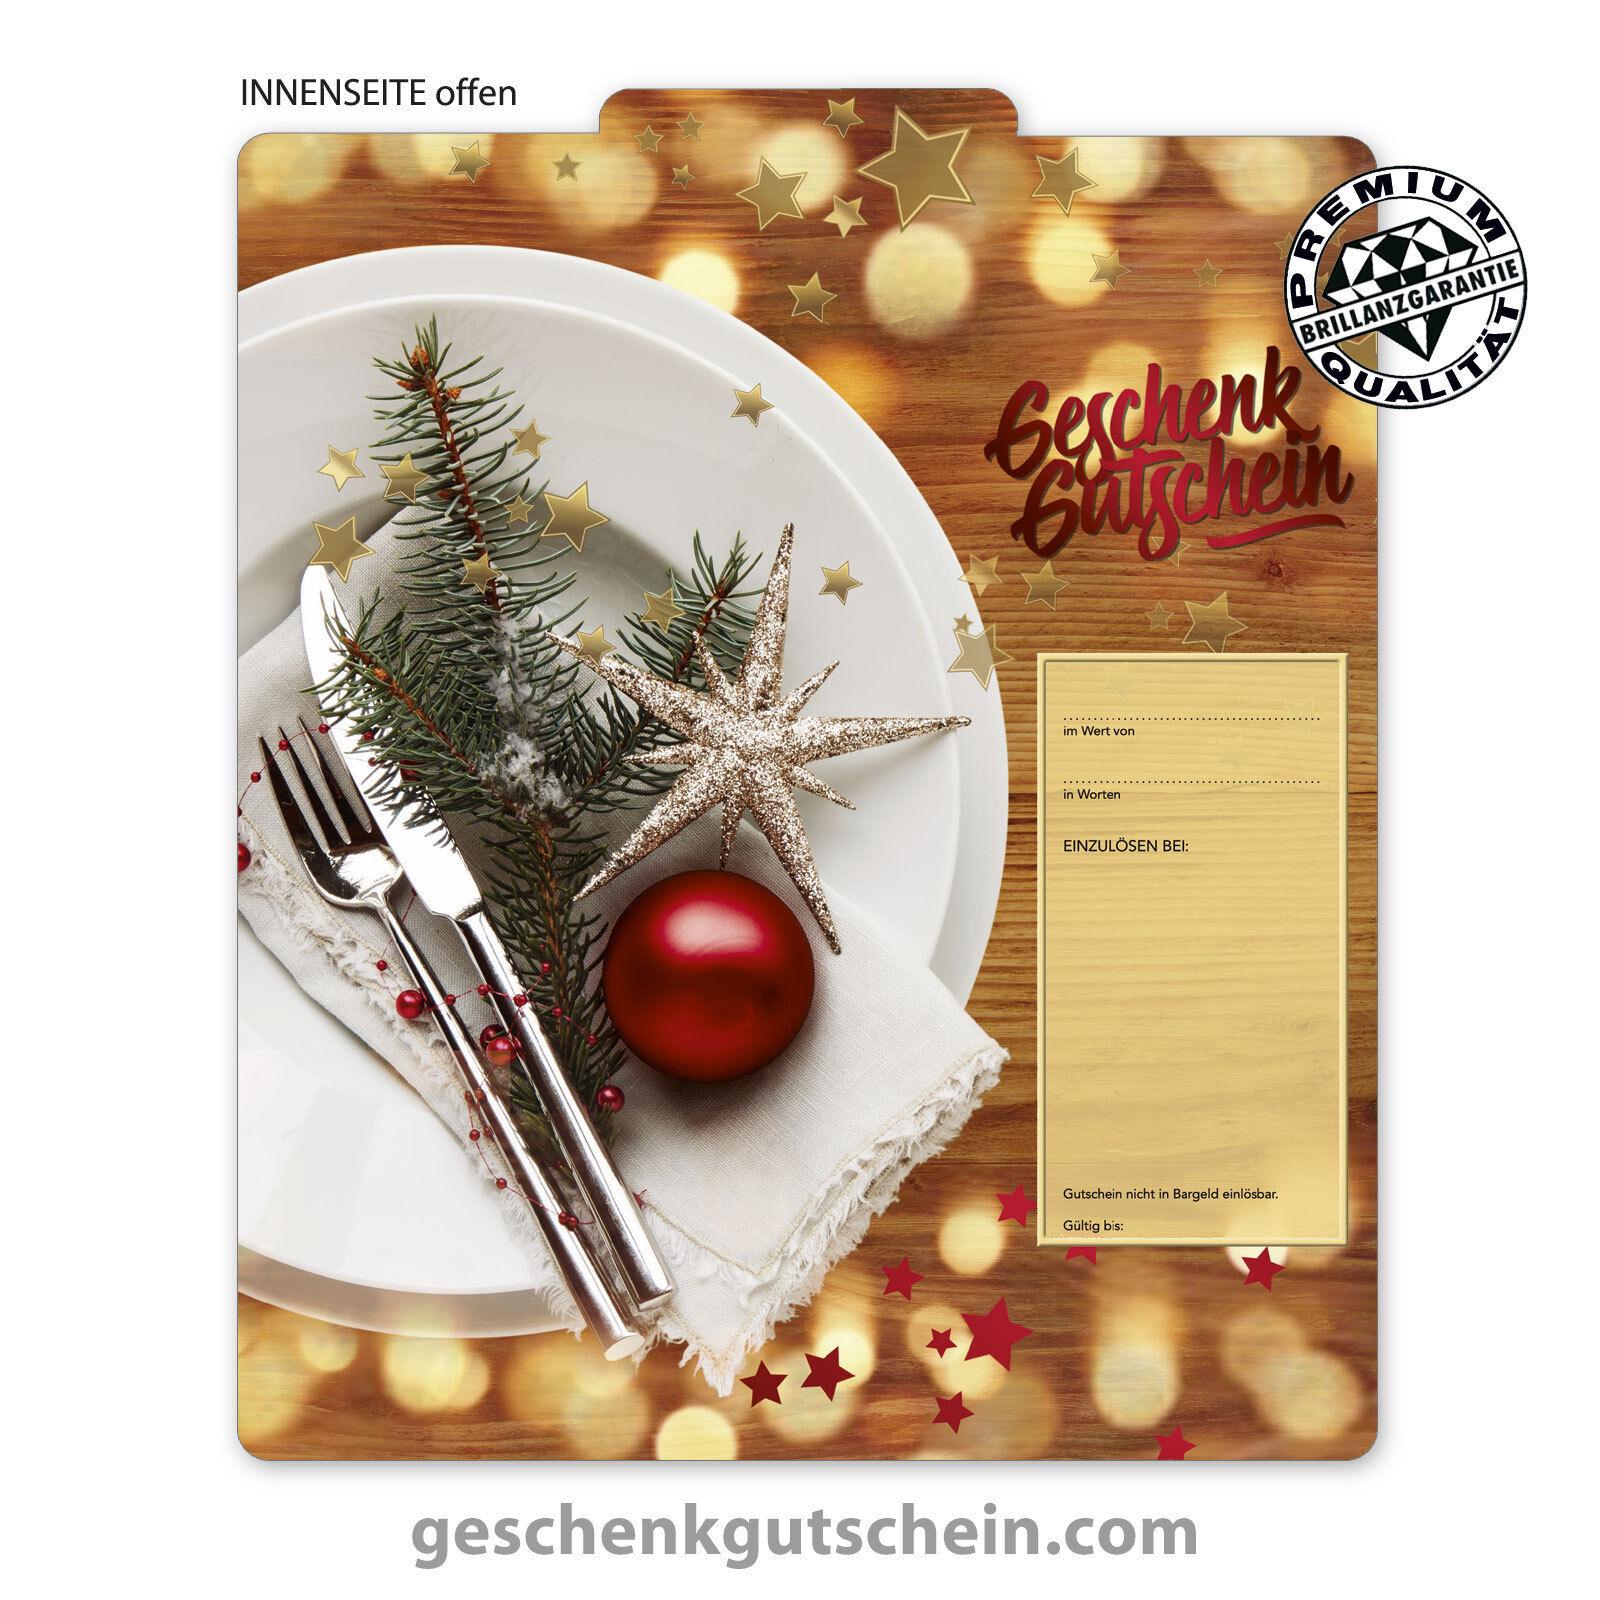 Premium Weihnachts-Faltgutscheine  MultiFarbe MultiFarbe MultiFarbe  für Gastronomiebetriebe G2019  | Neueste Technologie  | Grüne, neue Technologie  355910